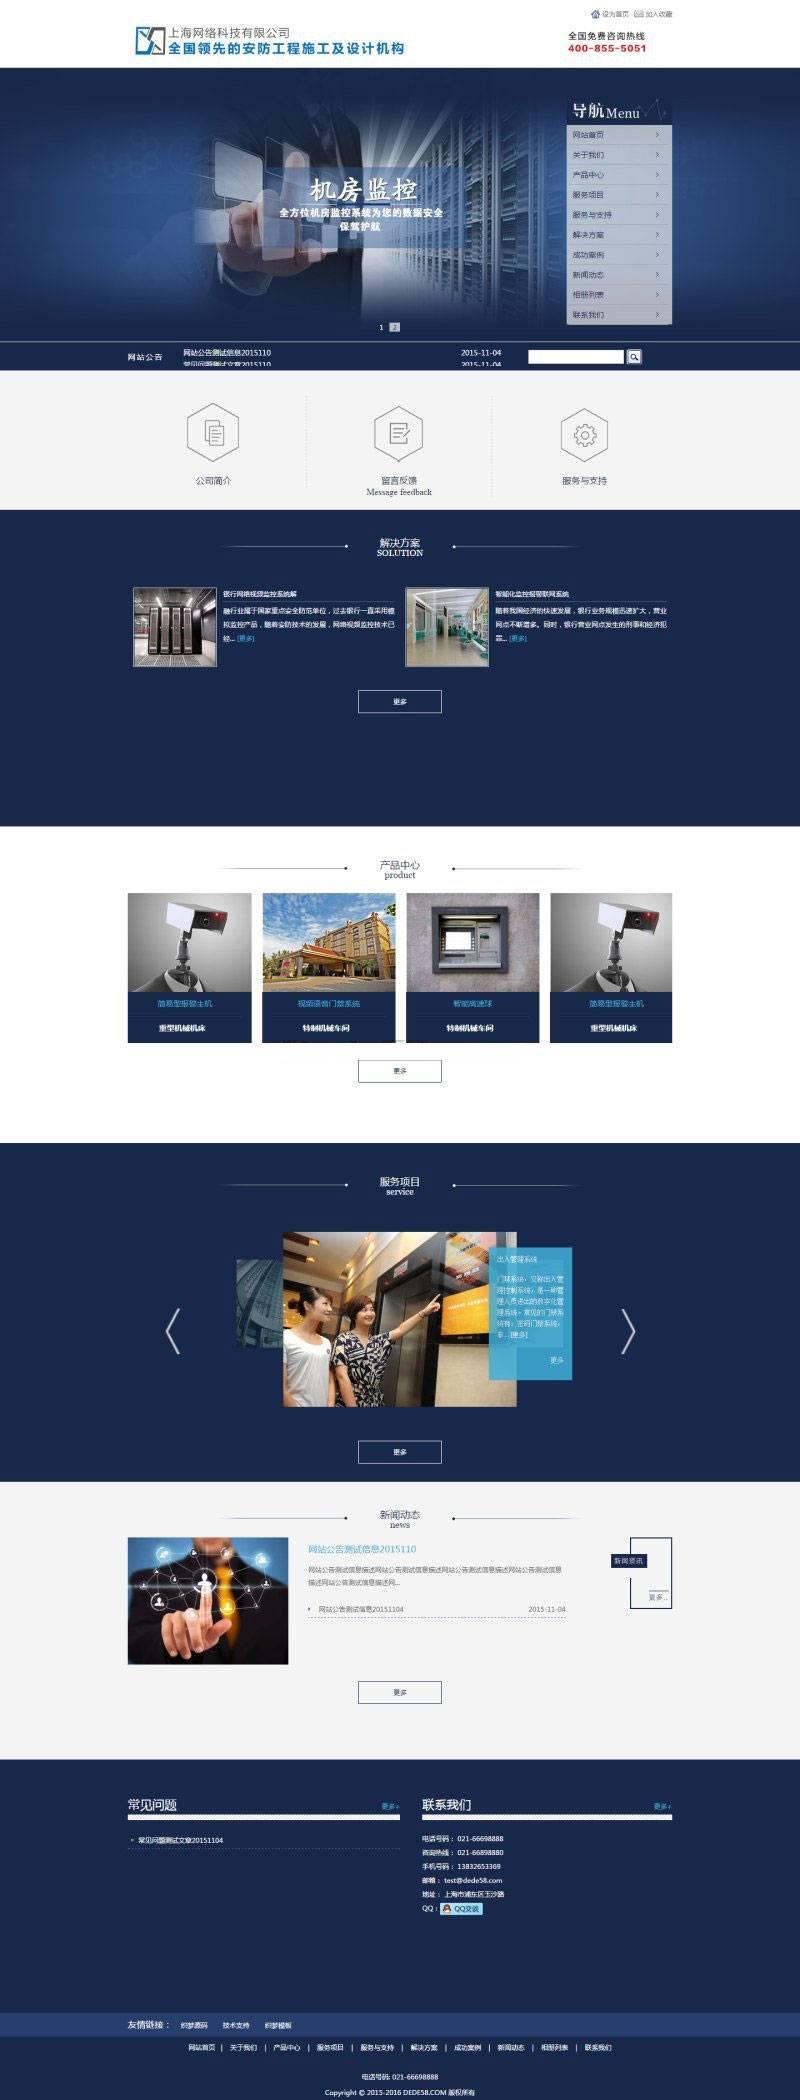 织梦安防源码dedecms工程电子监控类企业蓝色网站模板